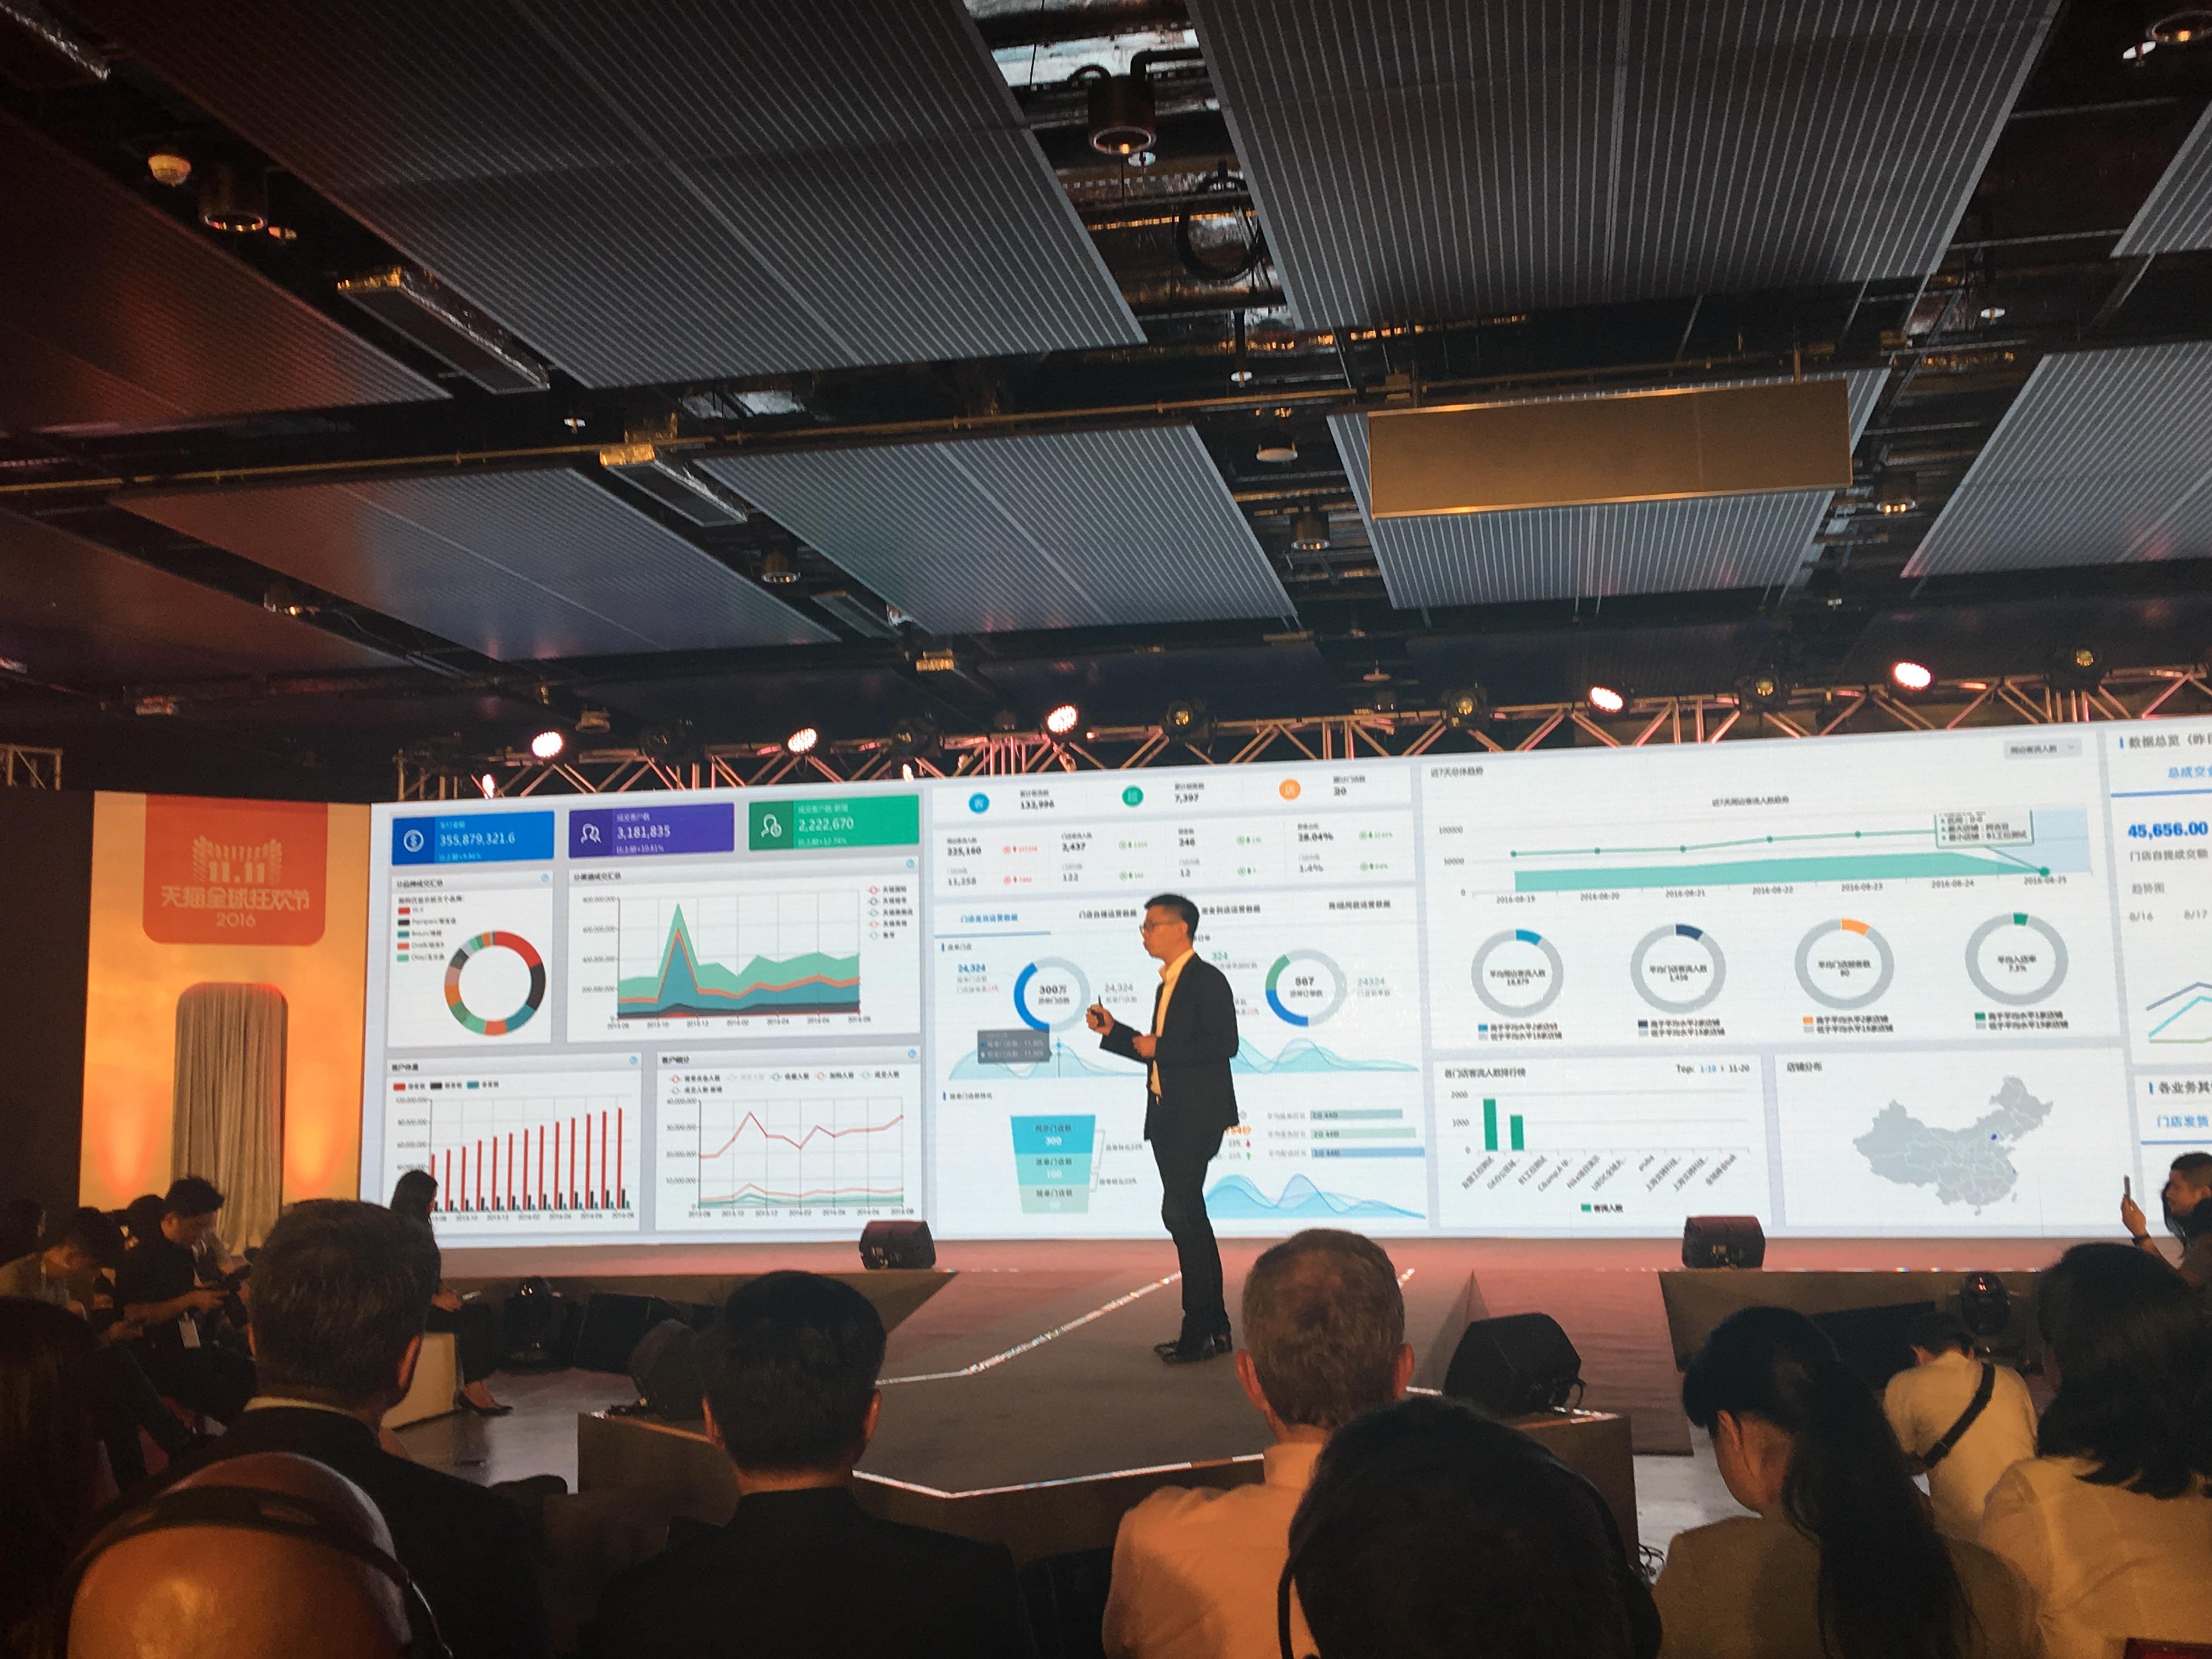 靖捷展示开放给商家的大数据